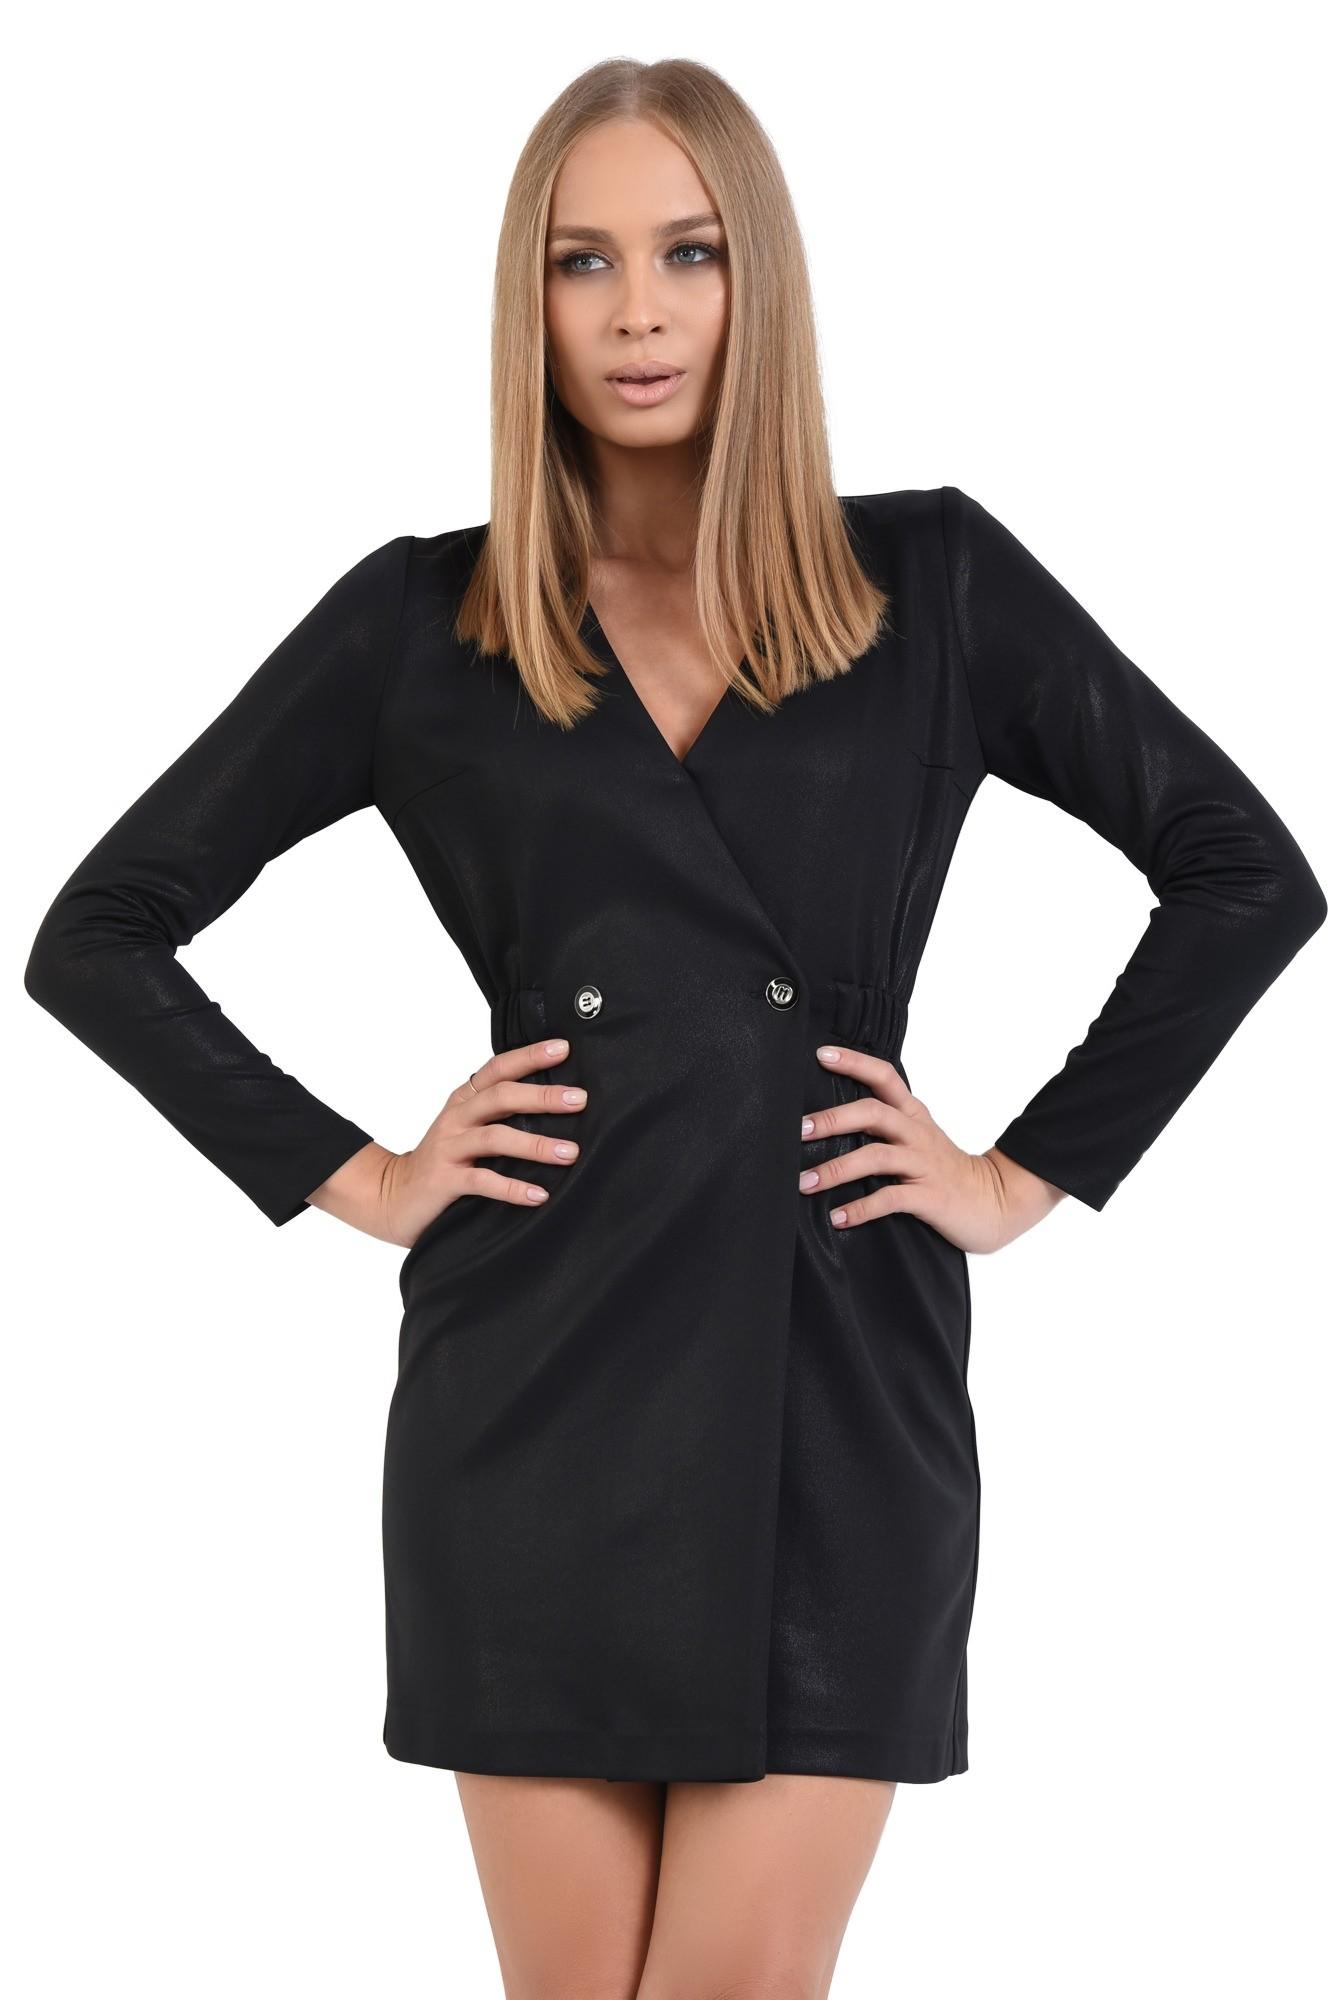 2 - rochie neagra, maneci lungi, scuba, anchior petrecut